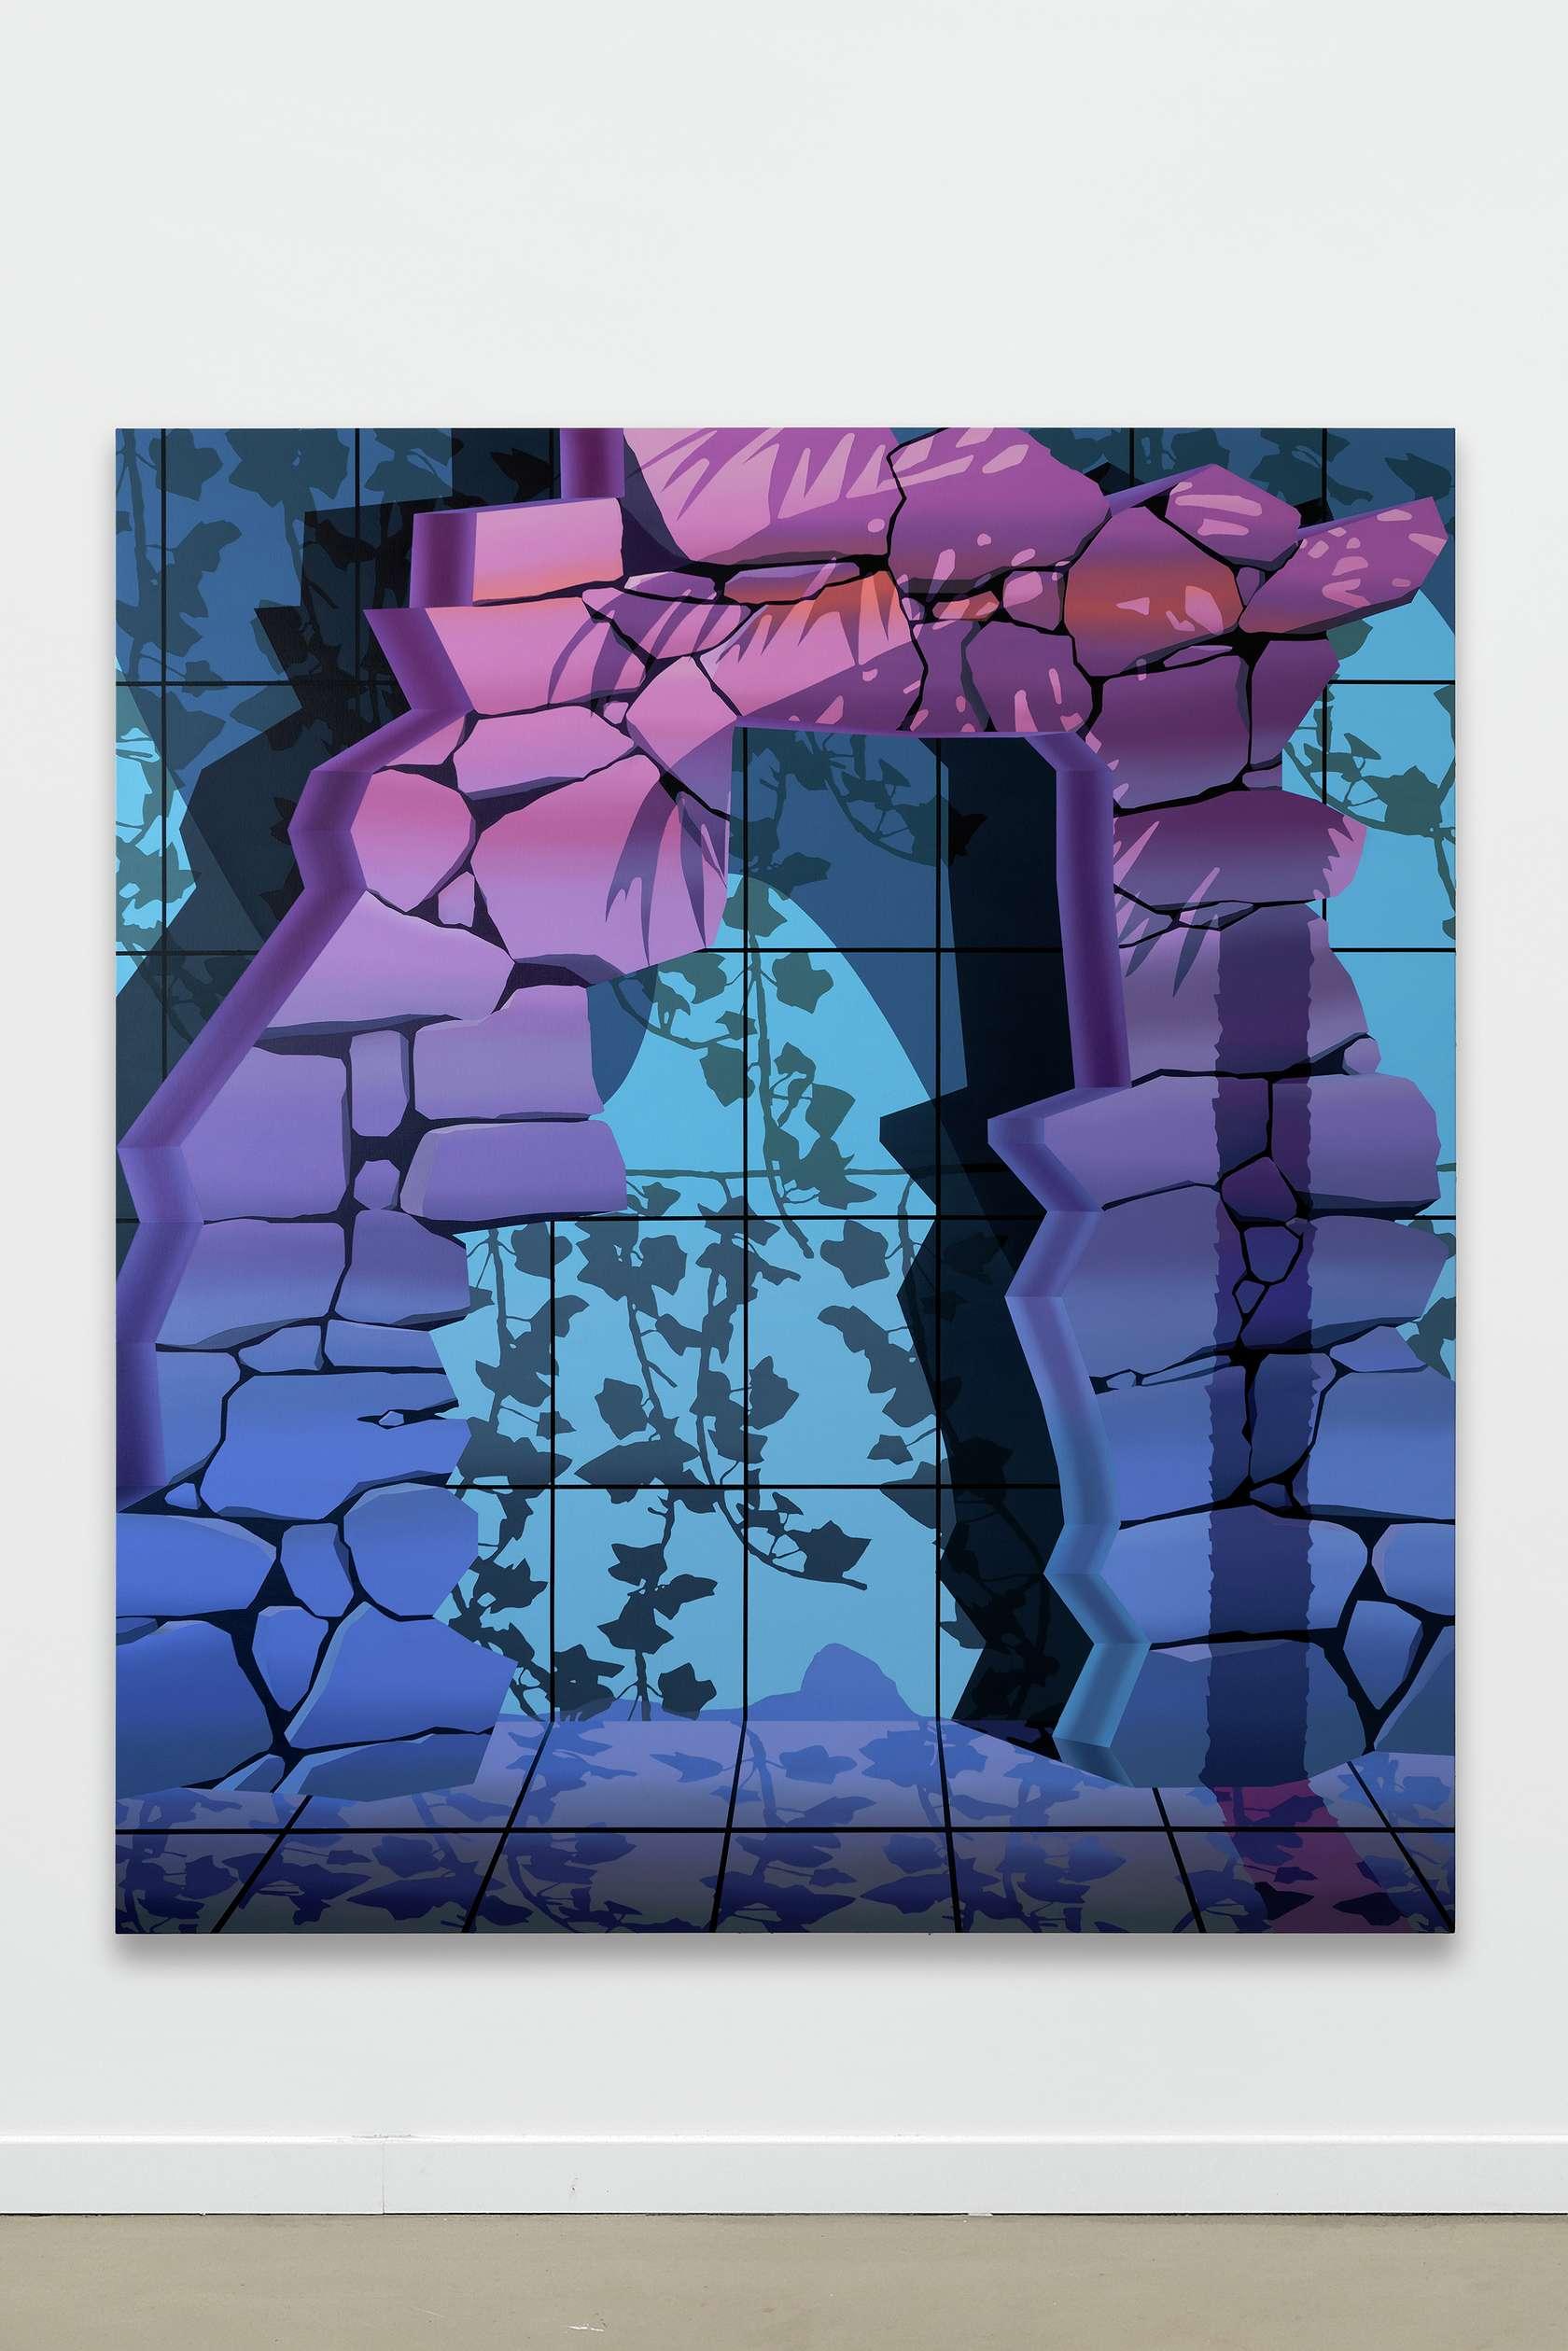 Amélie Bertrand, The Drought, 2019 Huile sur toile180 × 160 cm / 70 7/8 × 63  in.